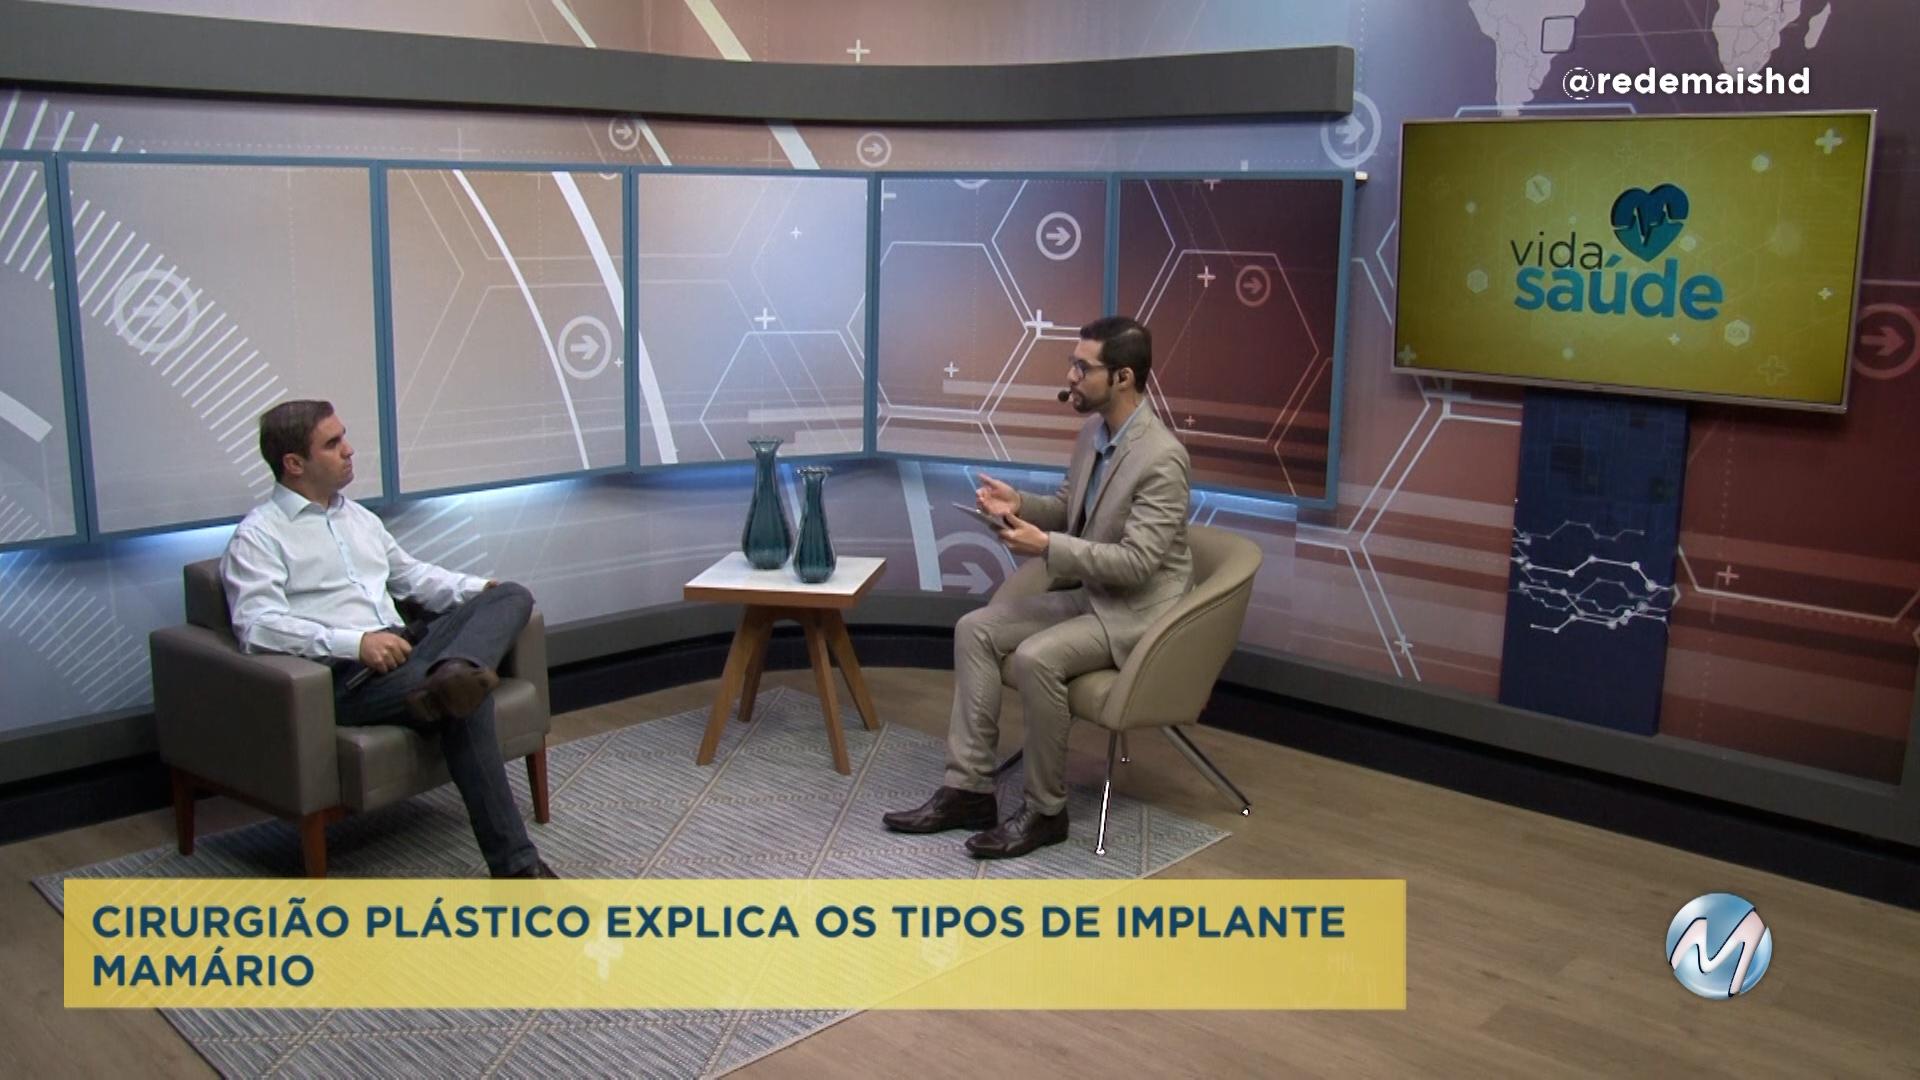 Implante mamário